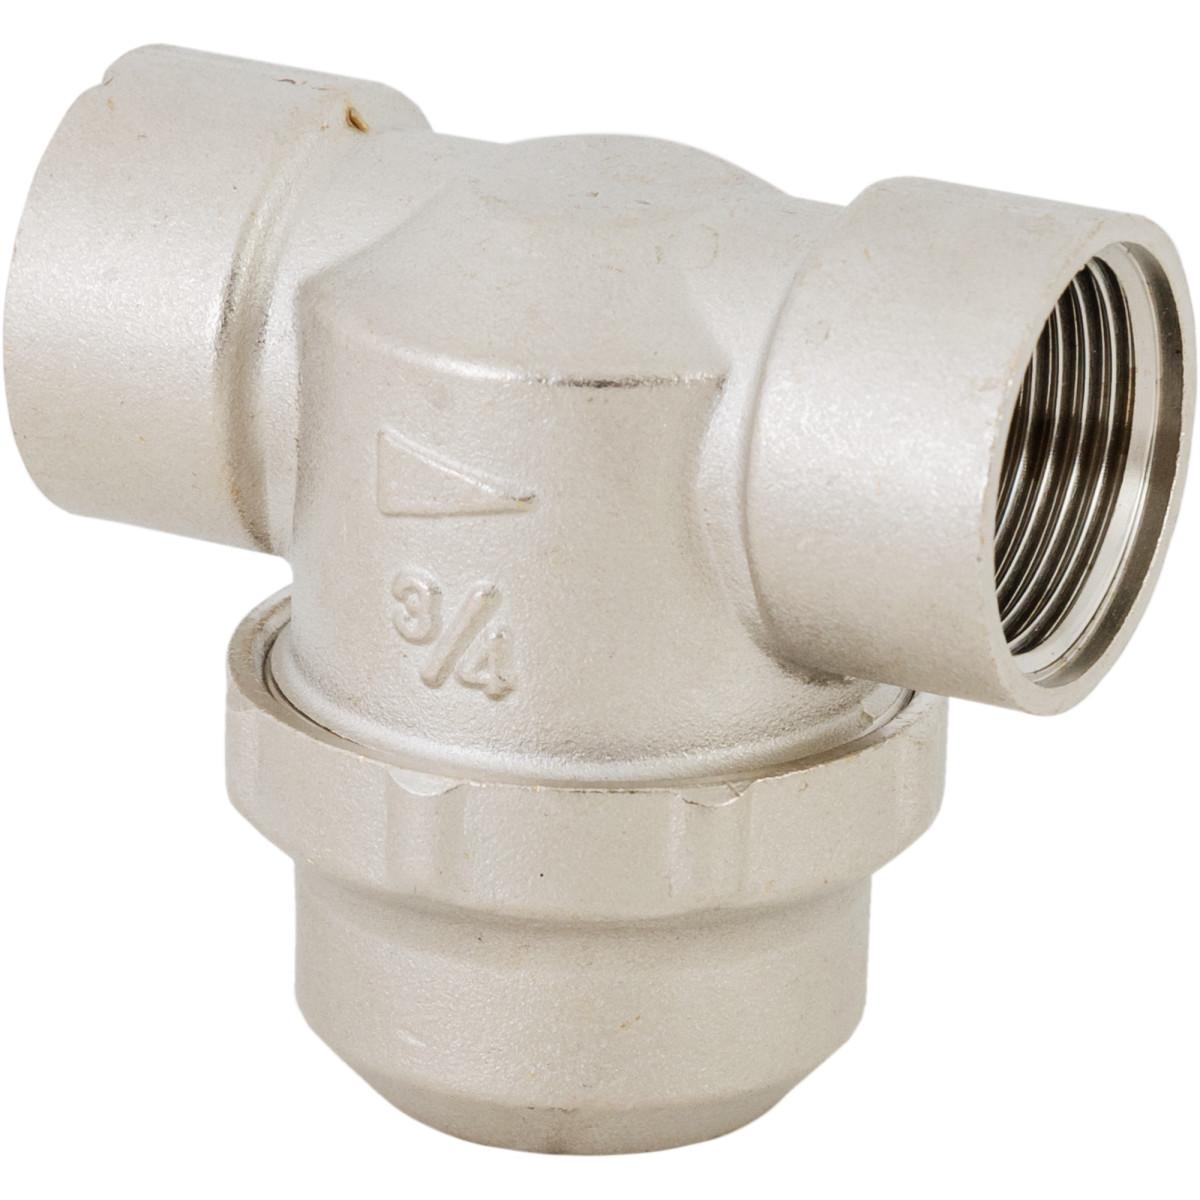 Фильтр механической очистки Ростерм для водопроводной воды 3/4&#34 300 мкм